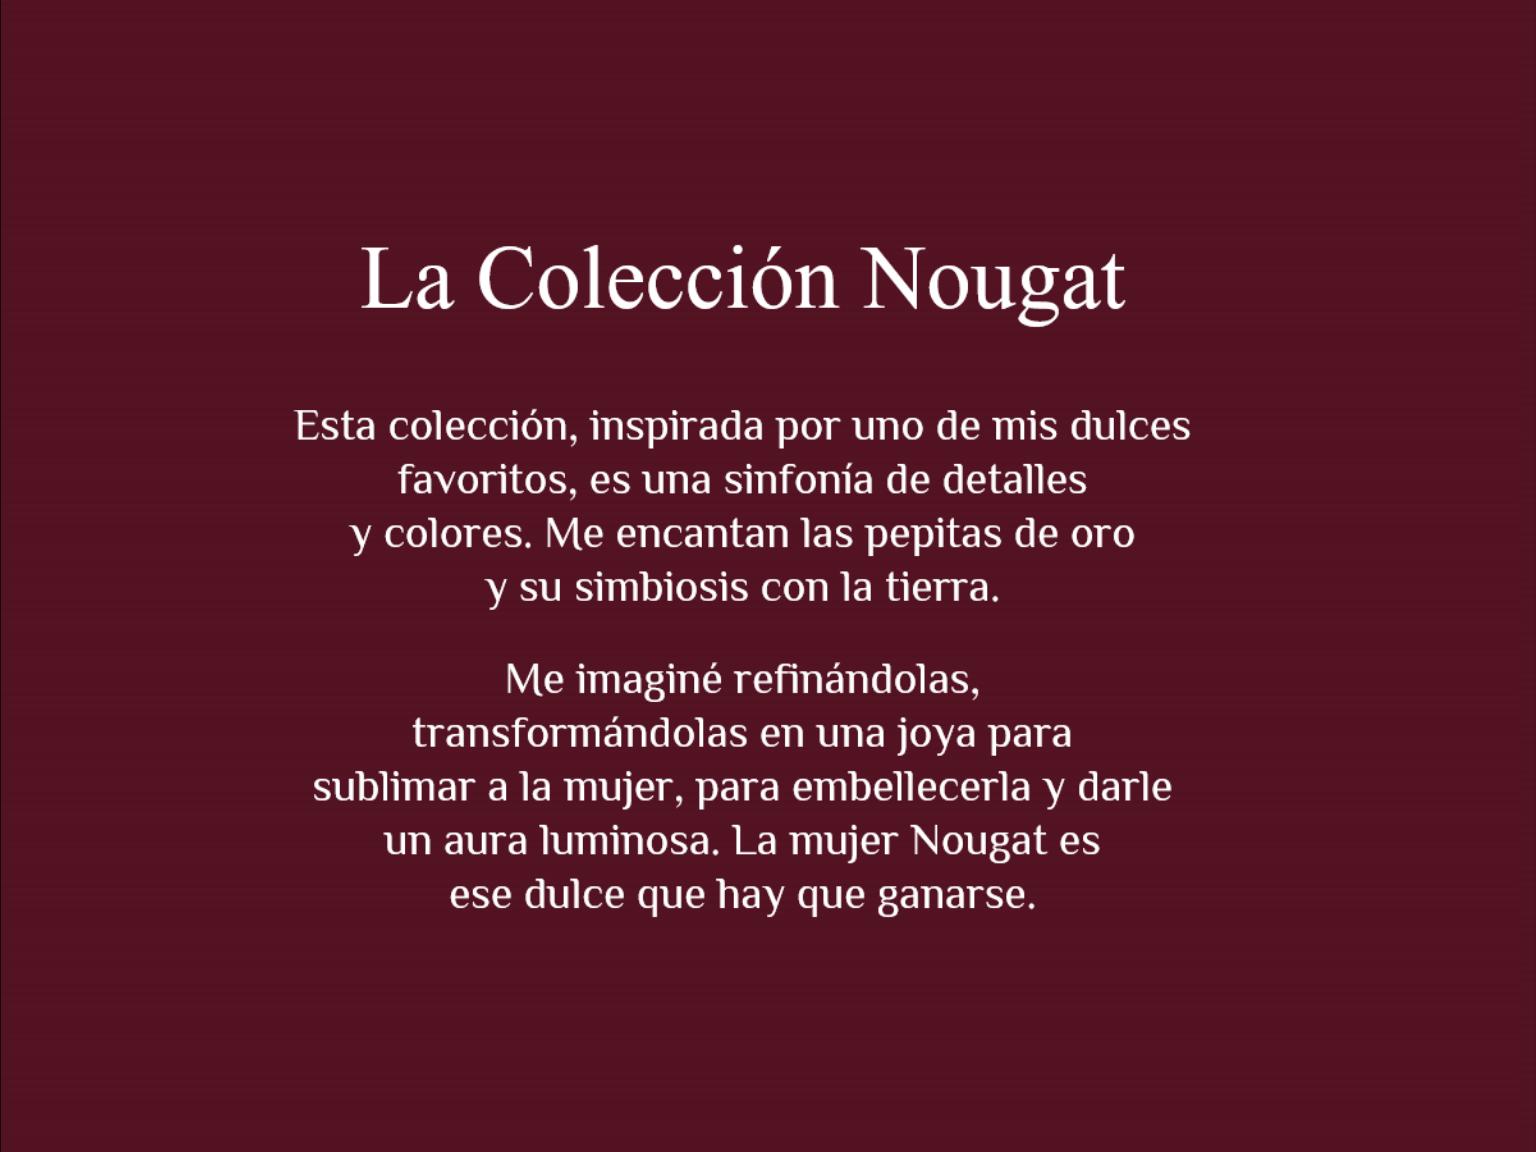 la coleccion nougat 7